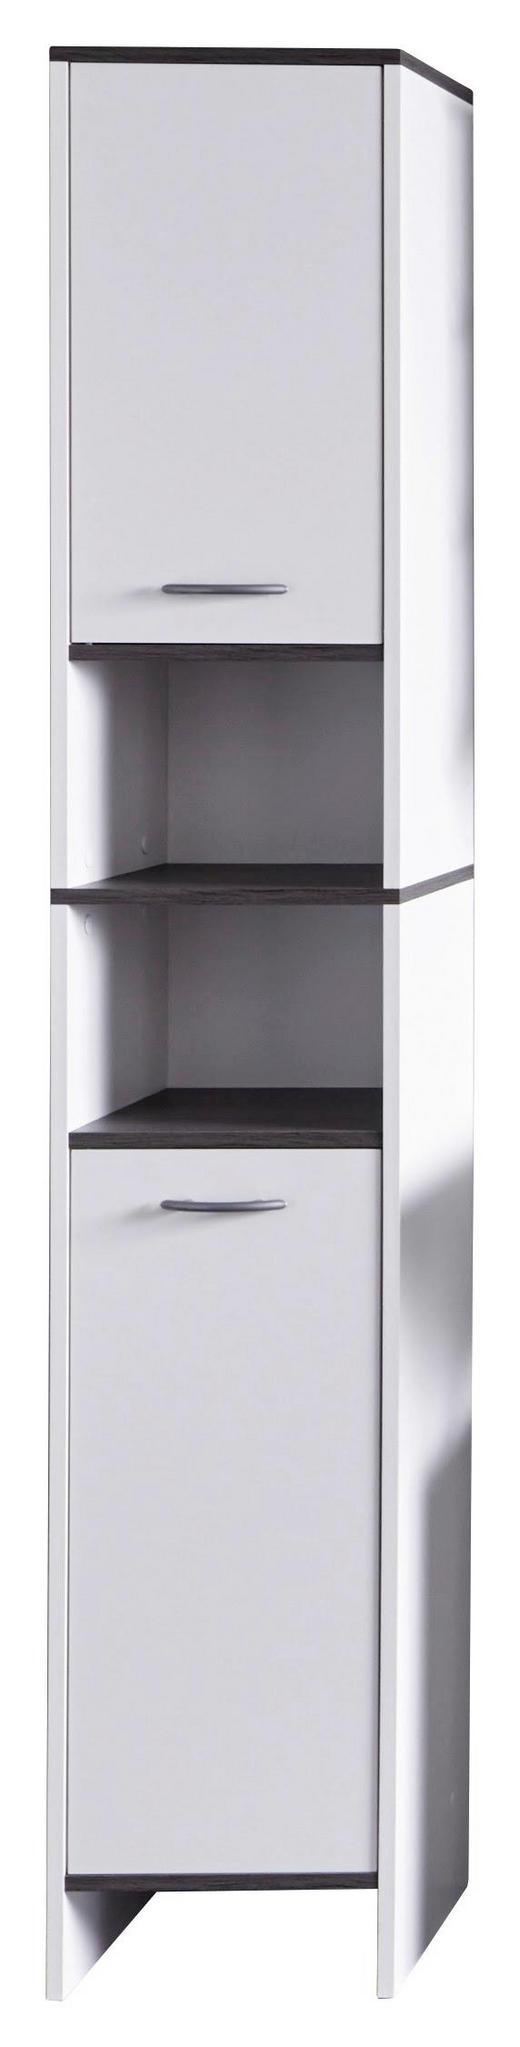 HOCHSCHRANK Grau, Weiß - Silberfarben/Weiß, KONVENTIONELL, Holzwerkstoff/Kunststoff (32/180/28cm) - Xora